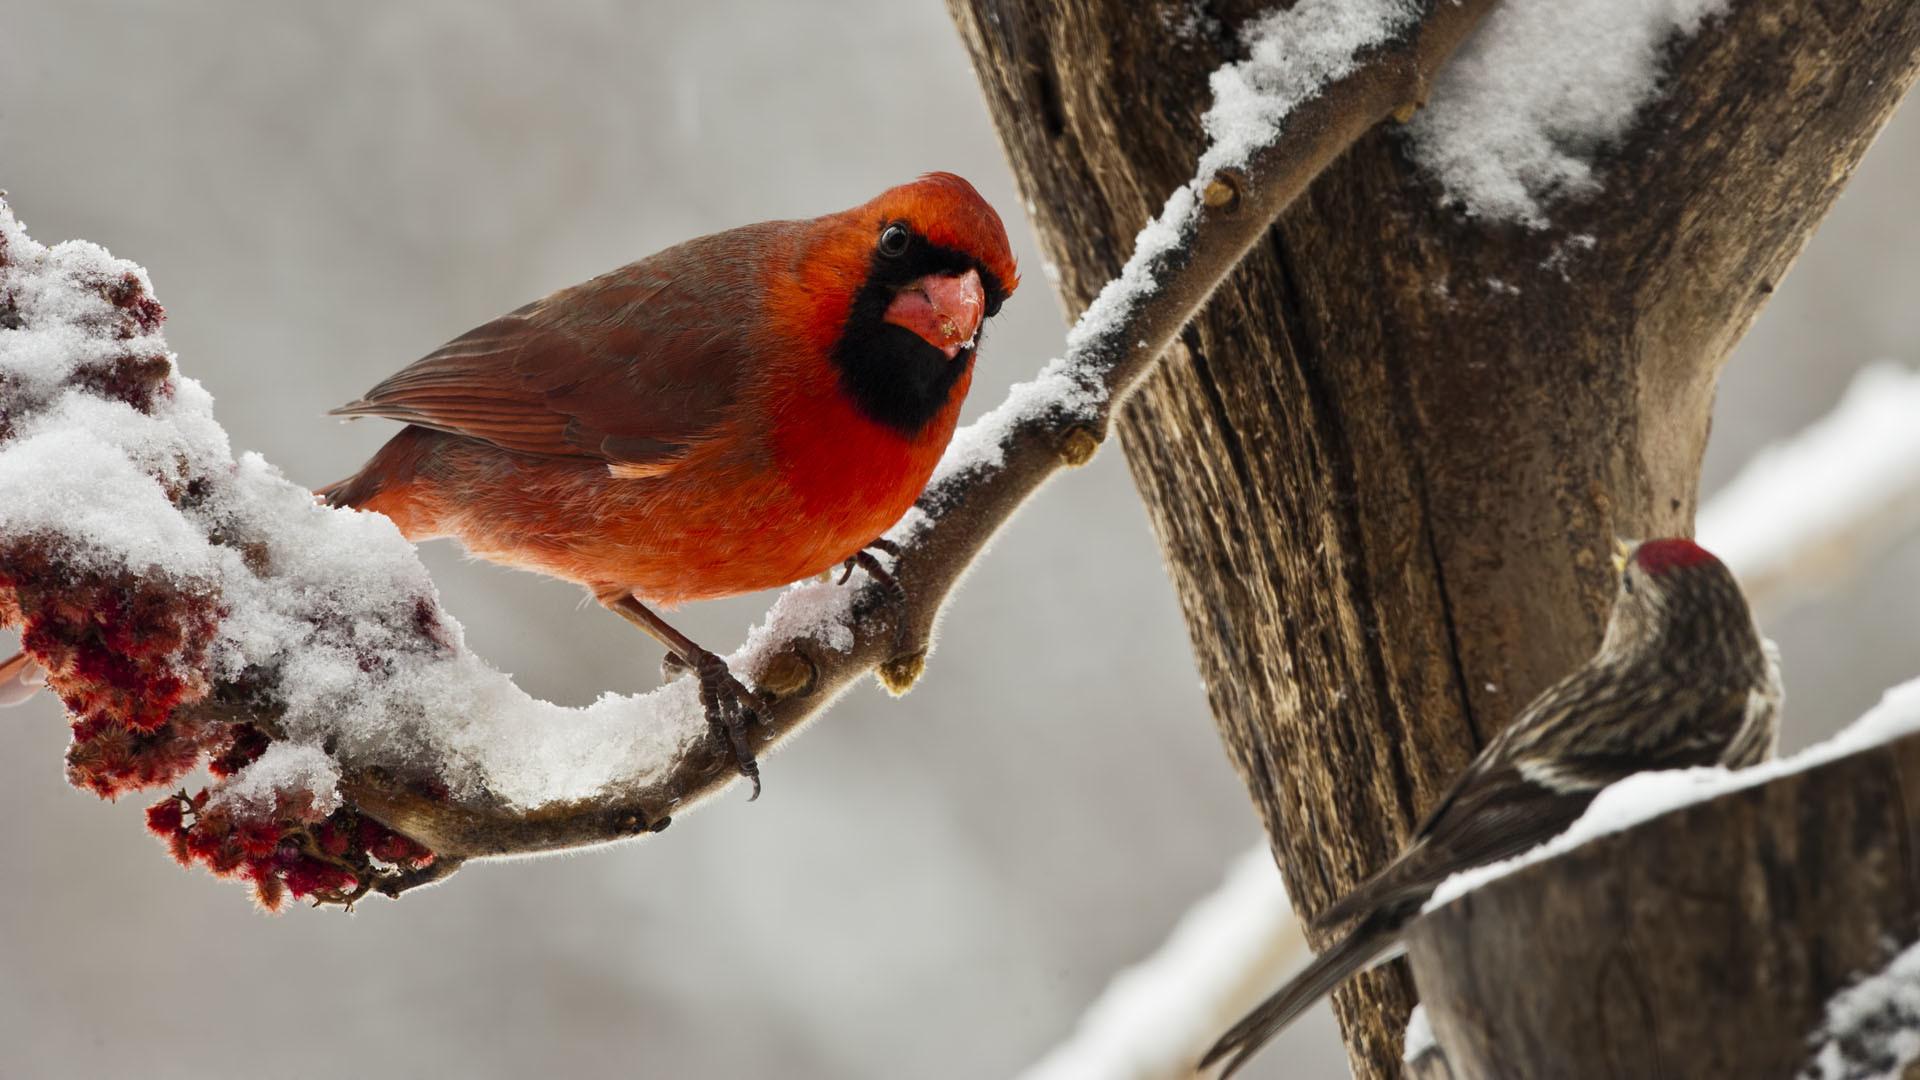 Birds Snow Winter wallpaper | | 219220 | WallpaperUP